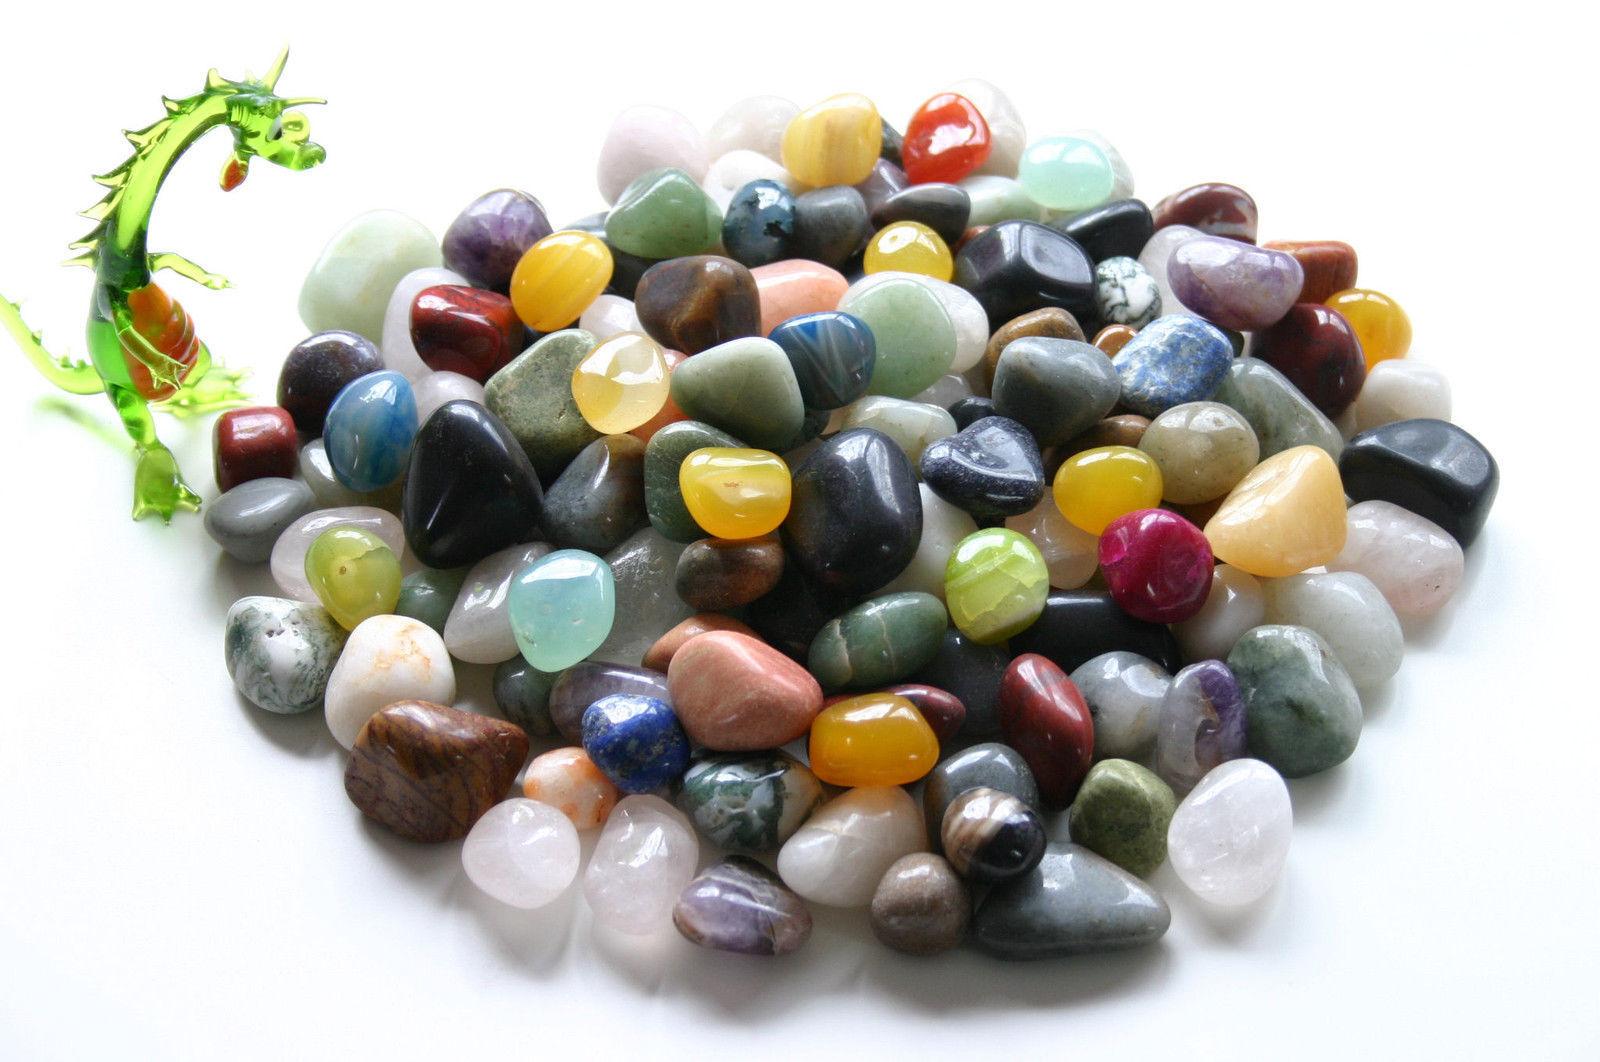 1 kg Trommelsteine Edelsteine ~ Halbedelsteine bunt gemischte Mineralien 25-50mm